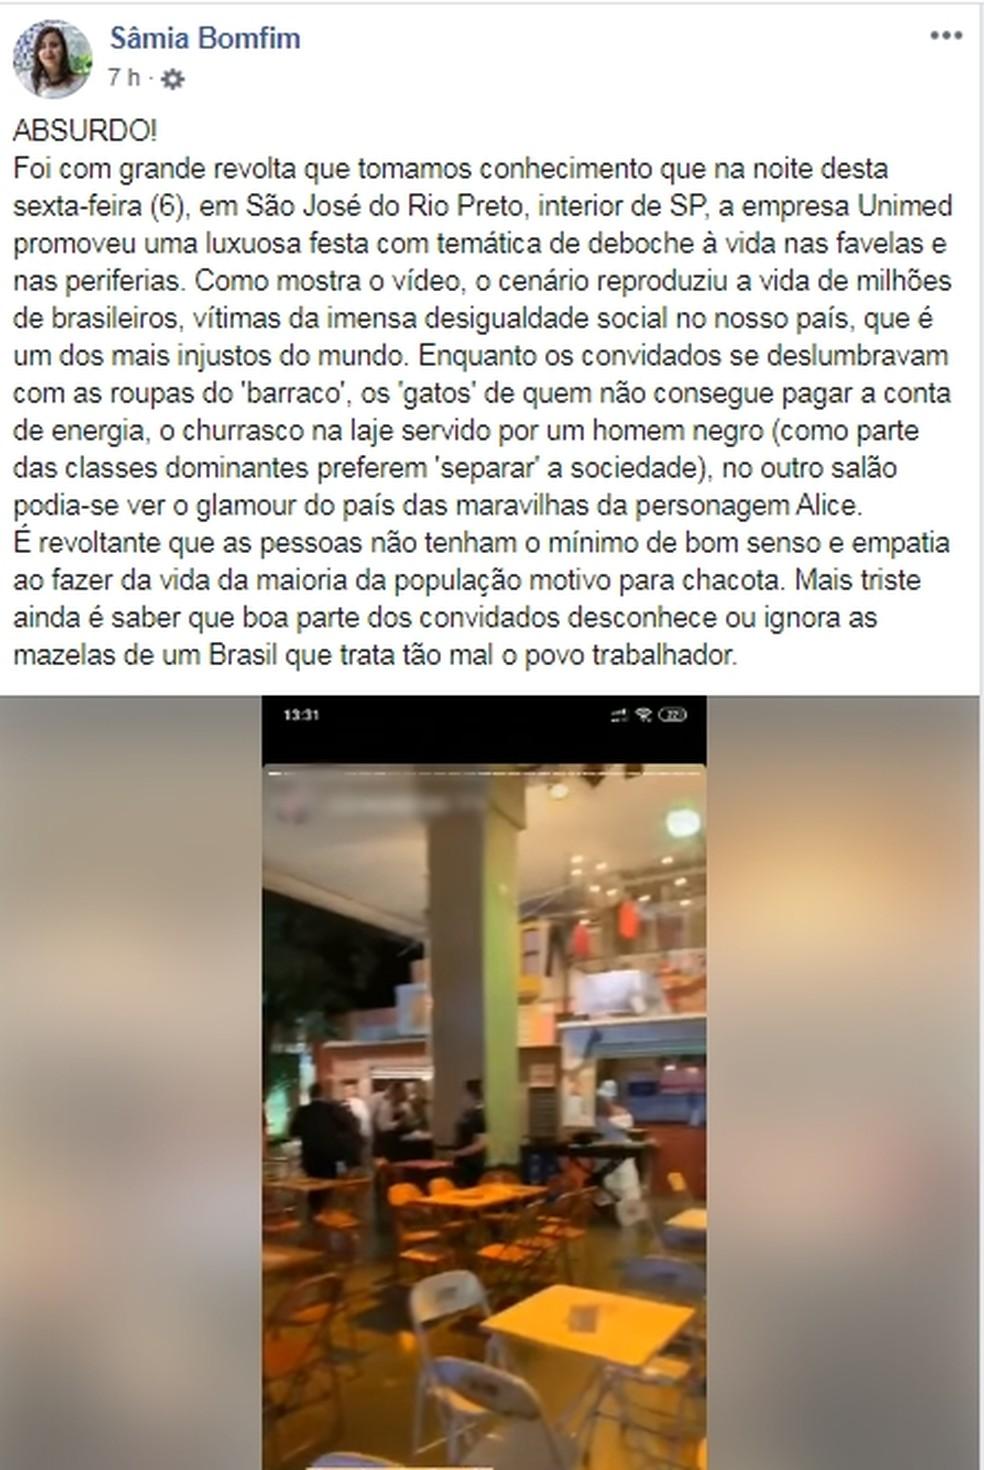 Deputada Sâmia Bomfim também se posicionou nas redes sociais  — Foto: Reprodução/Facebook